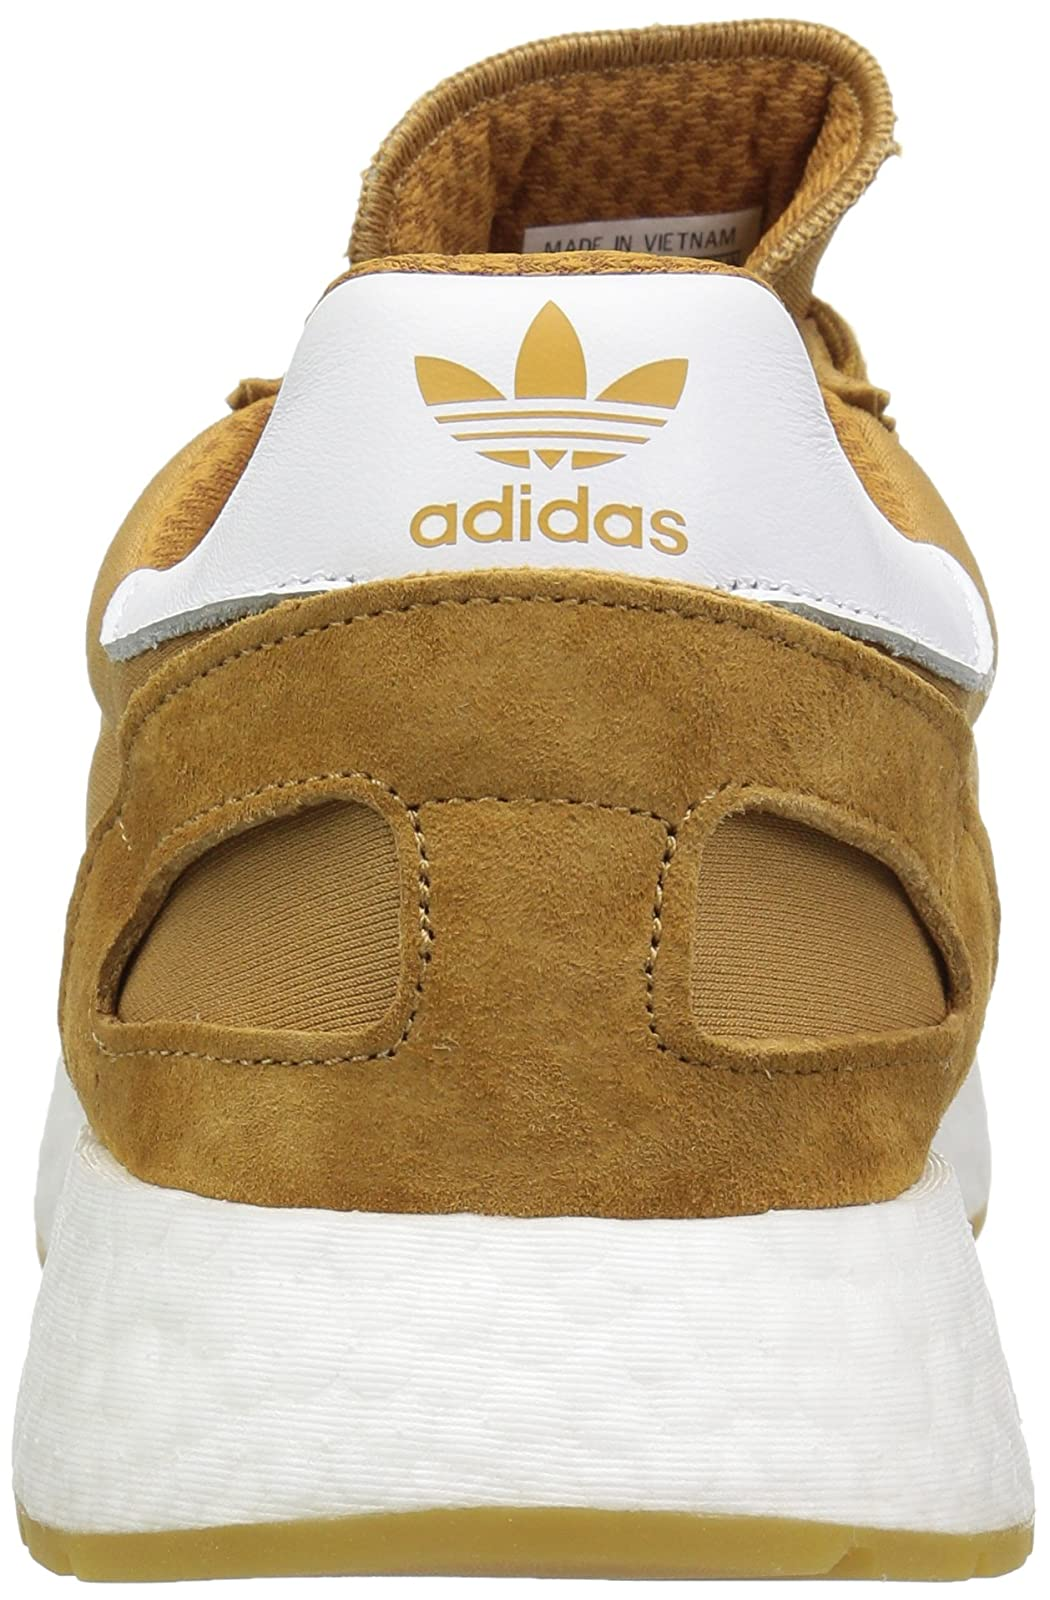 adidas Originals Men's I-5923 CQ2490 Core Black/White/Copper Metallic - 2